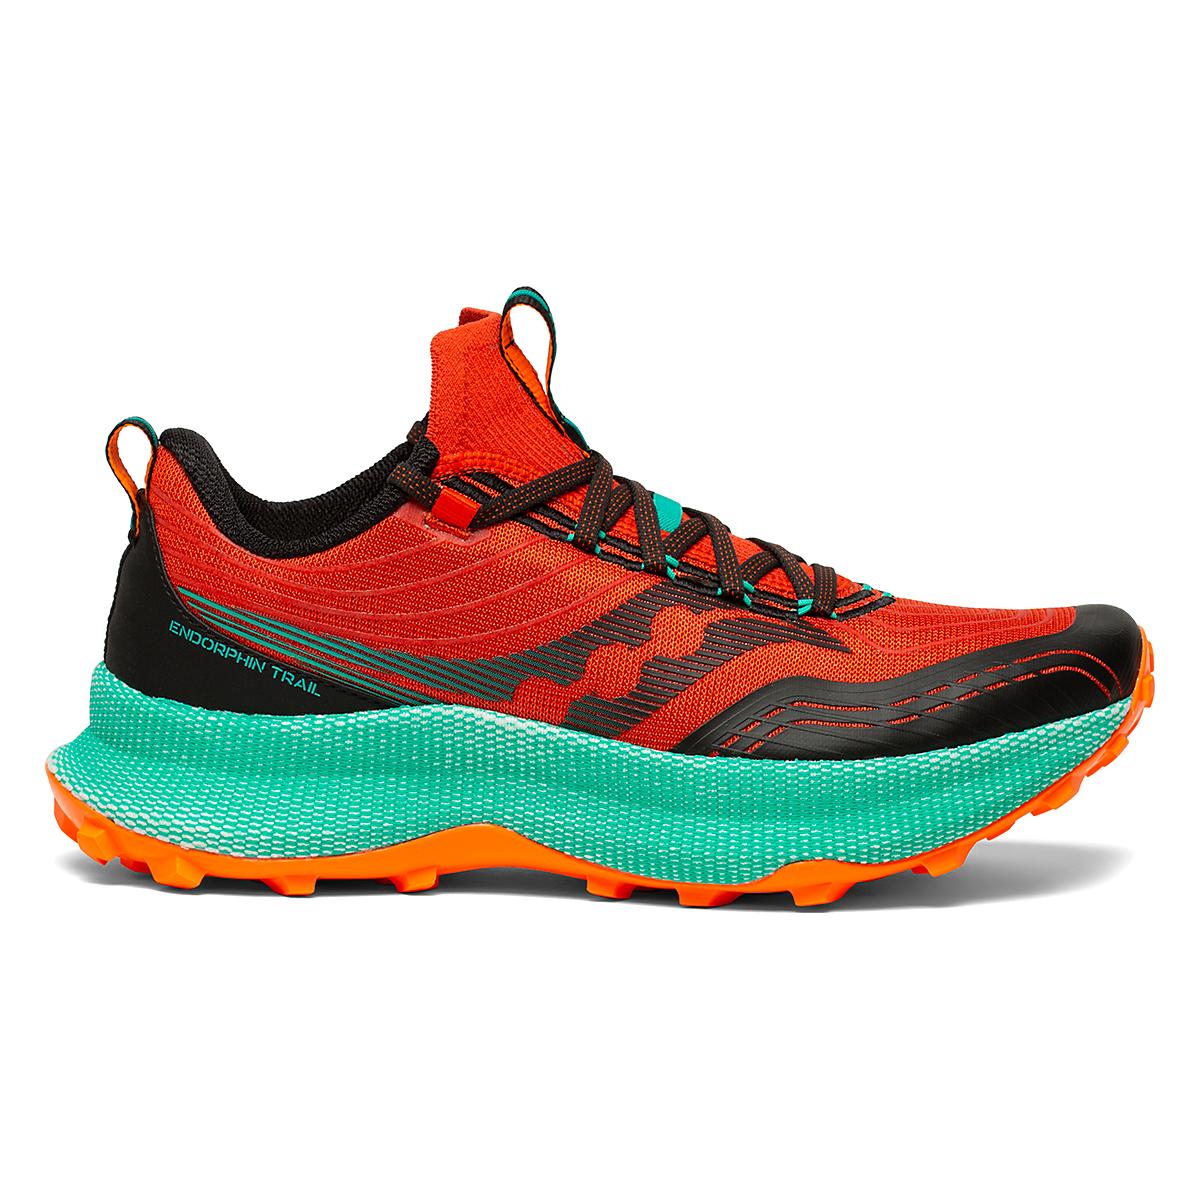 Men's Saucony Endorphin Trail Running Shoe - Color: Scarlet/Black - Size: 7 - Width: Regular, Scarlet/Black, large, image 1